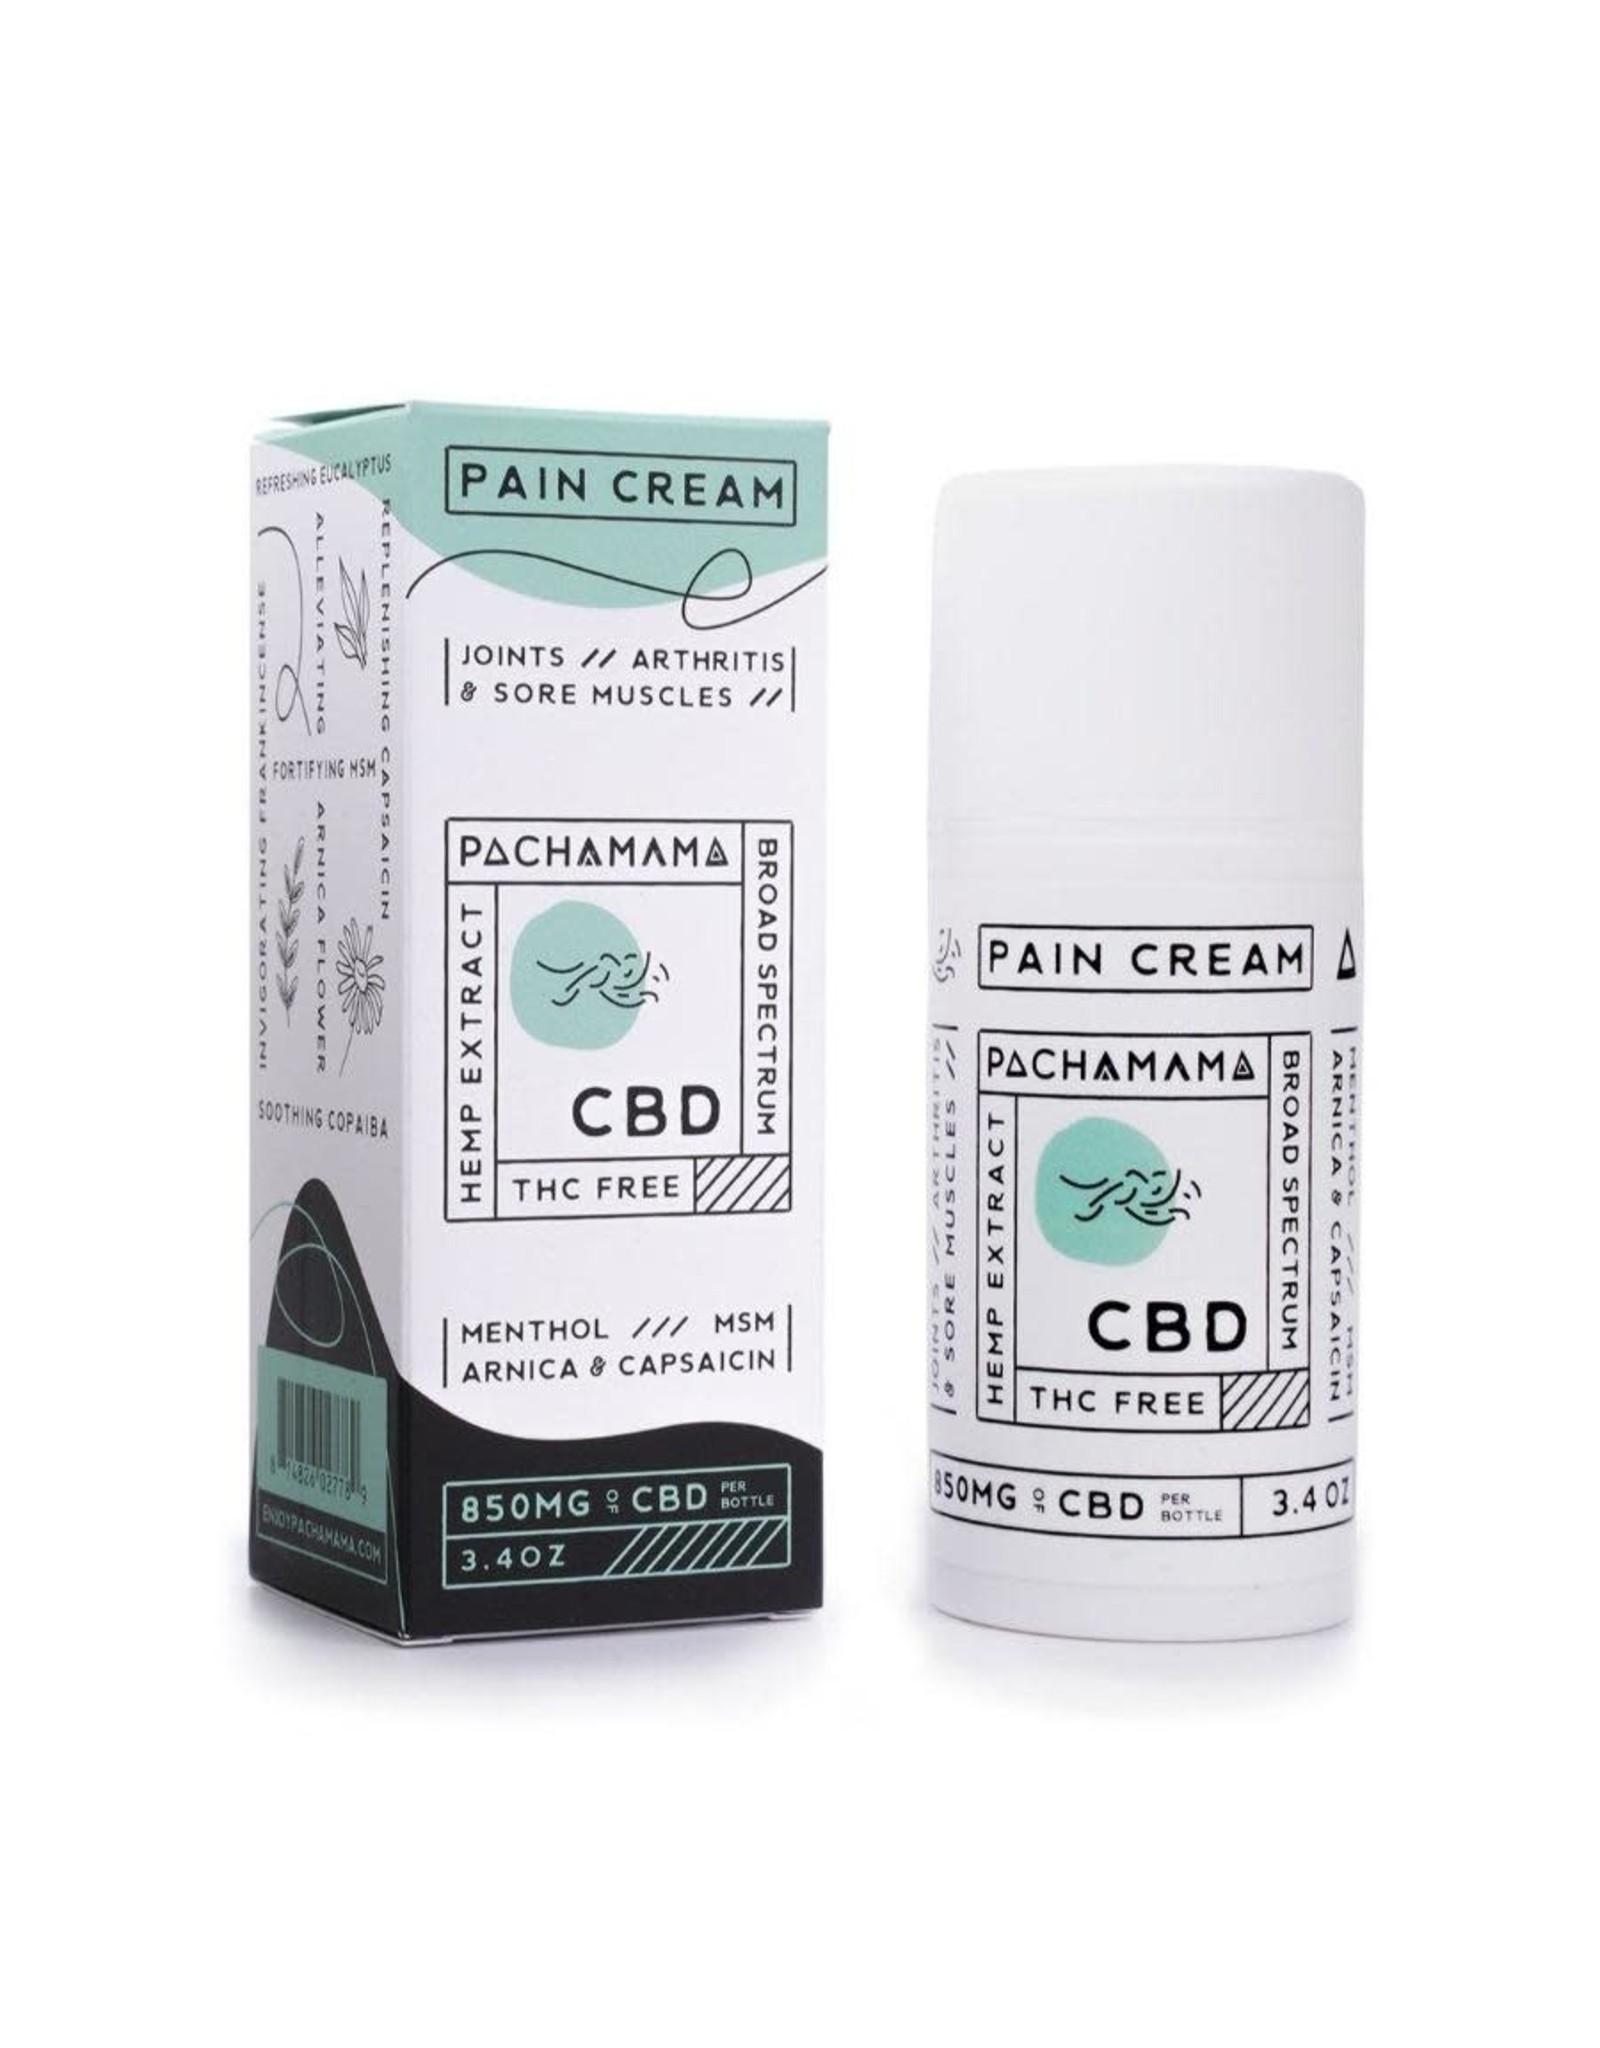 Pachamama Pachamama Pain Cream 850mg 3.4oz